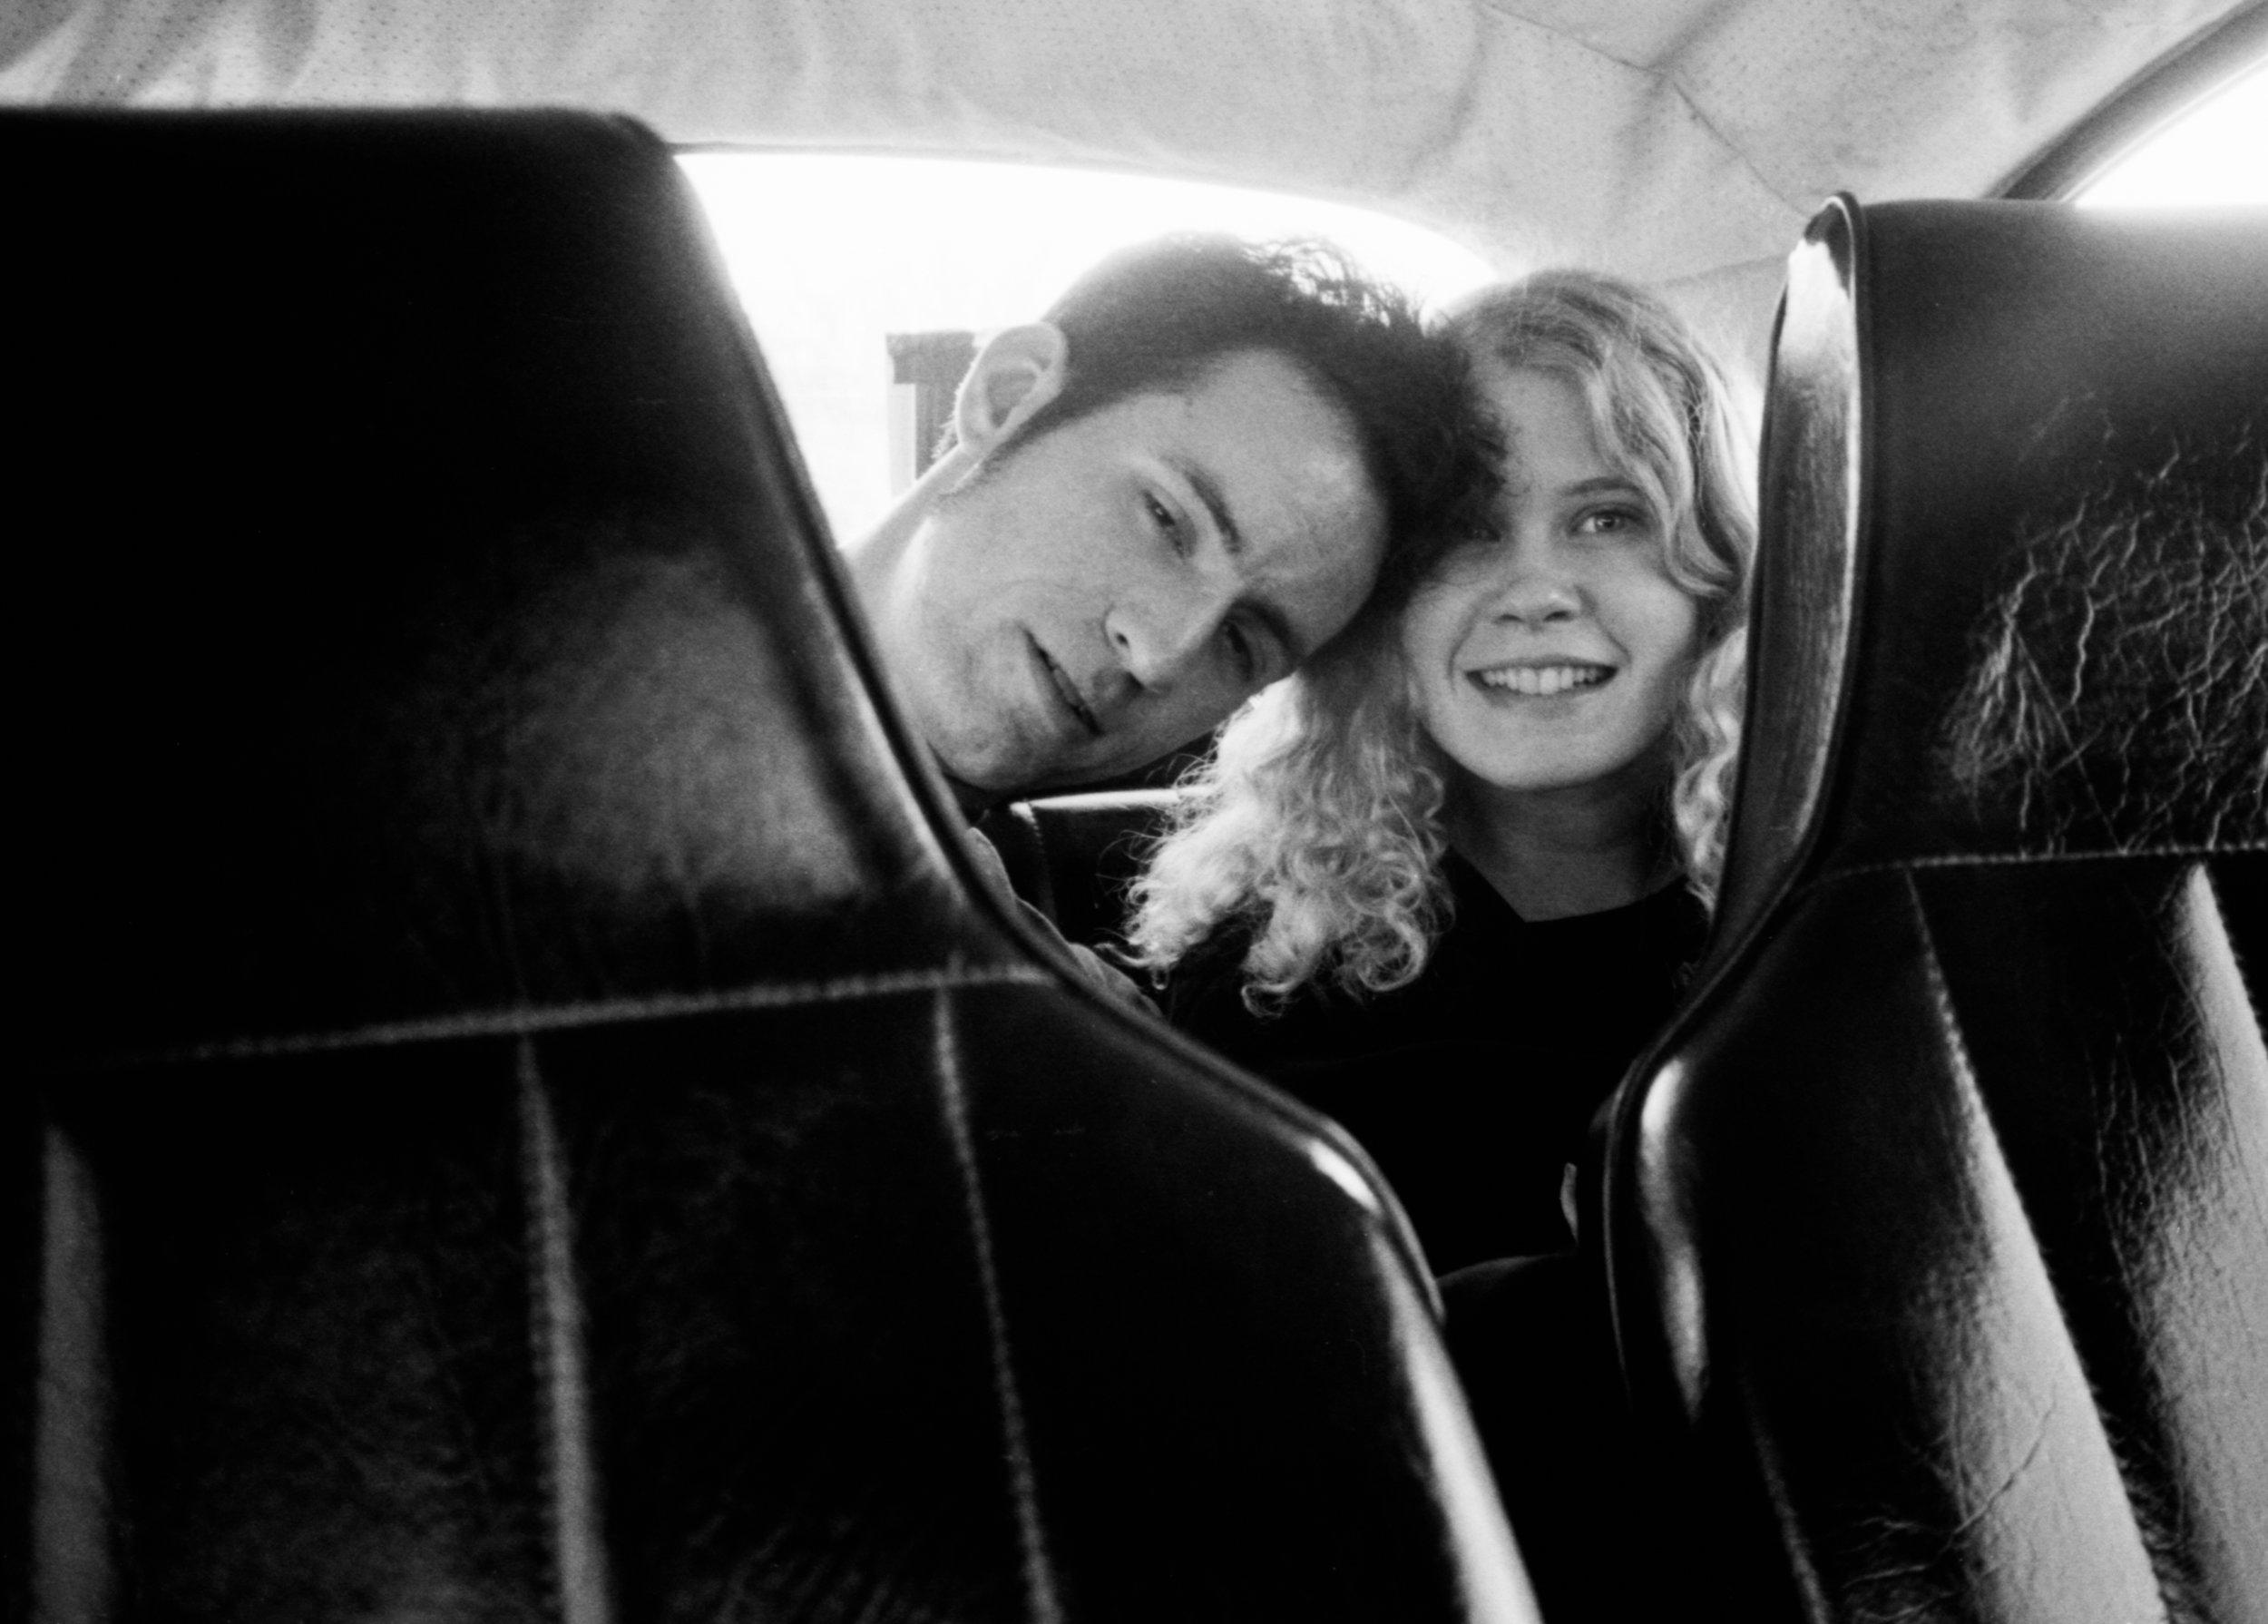 Jim & Lindsay